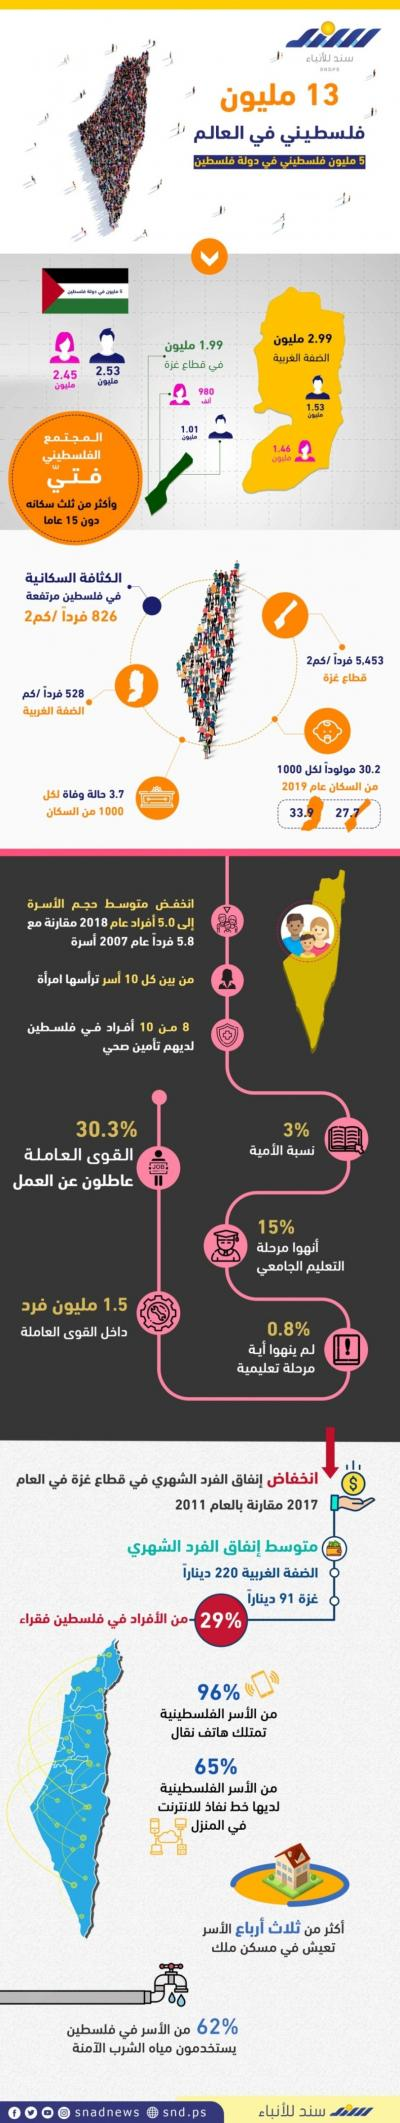 أعداد الفلسطينيين حول العالم